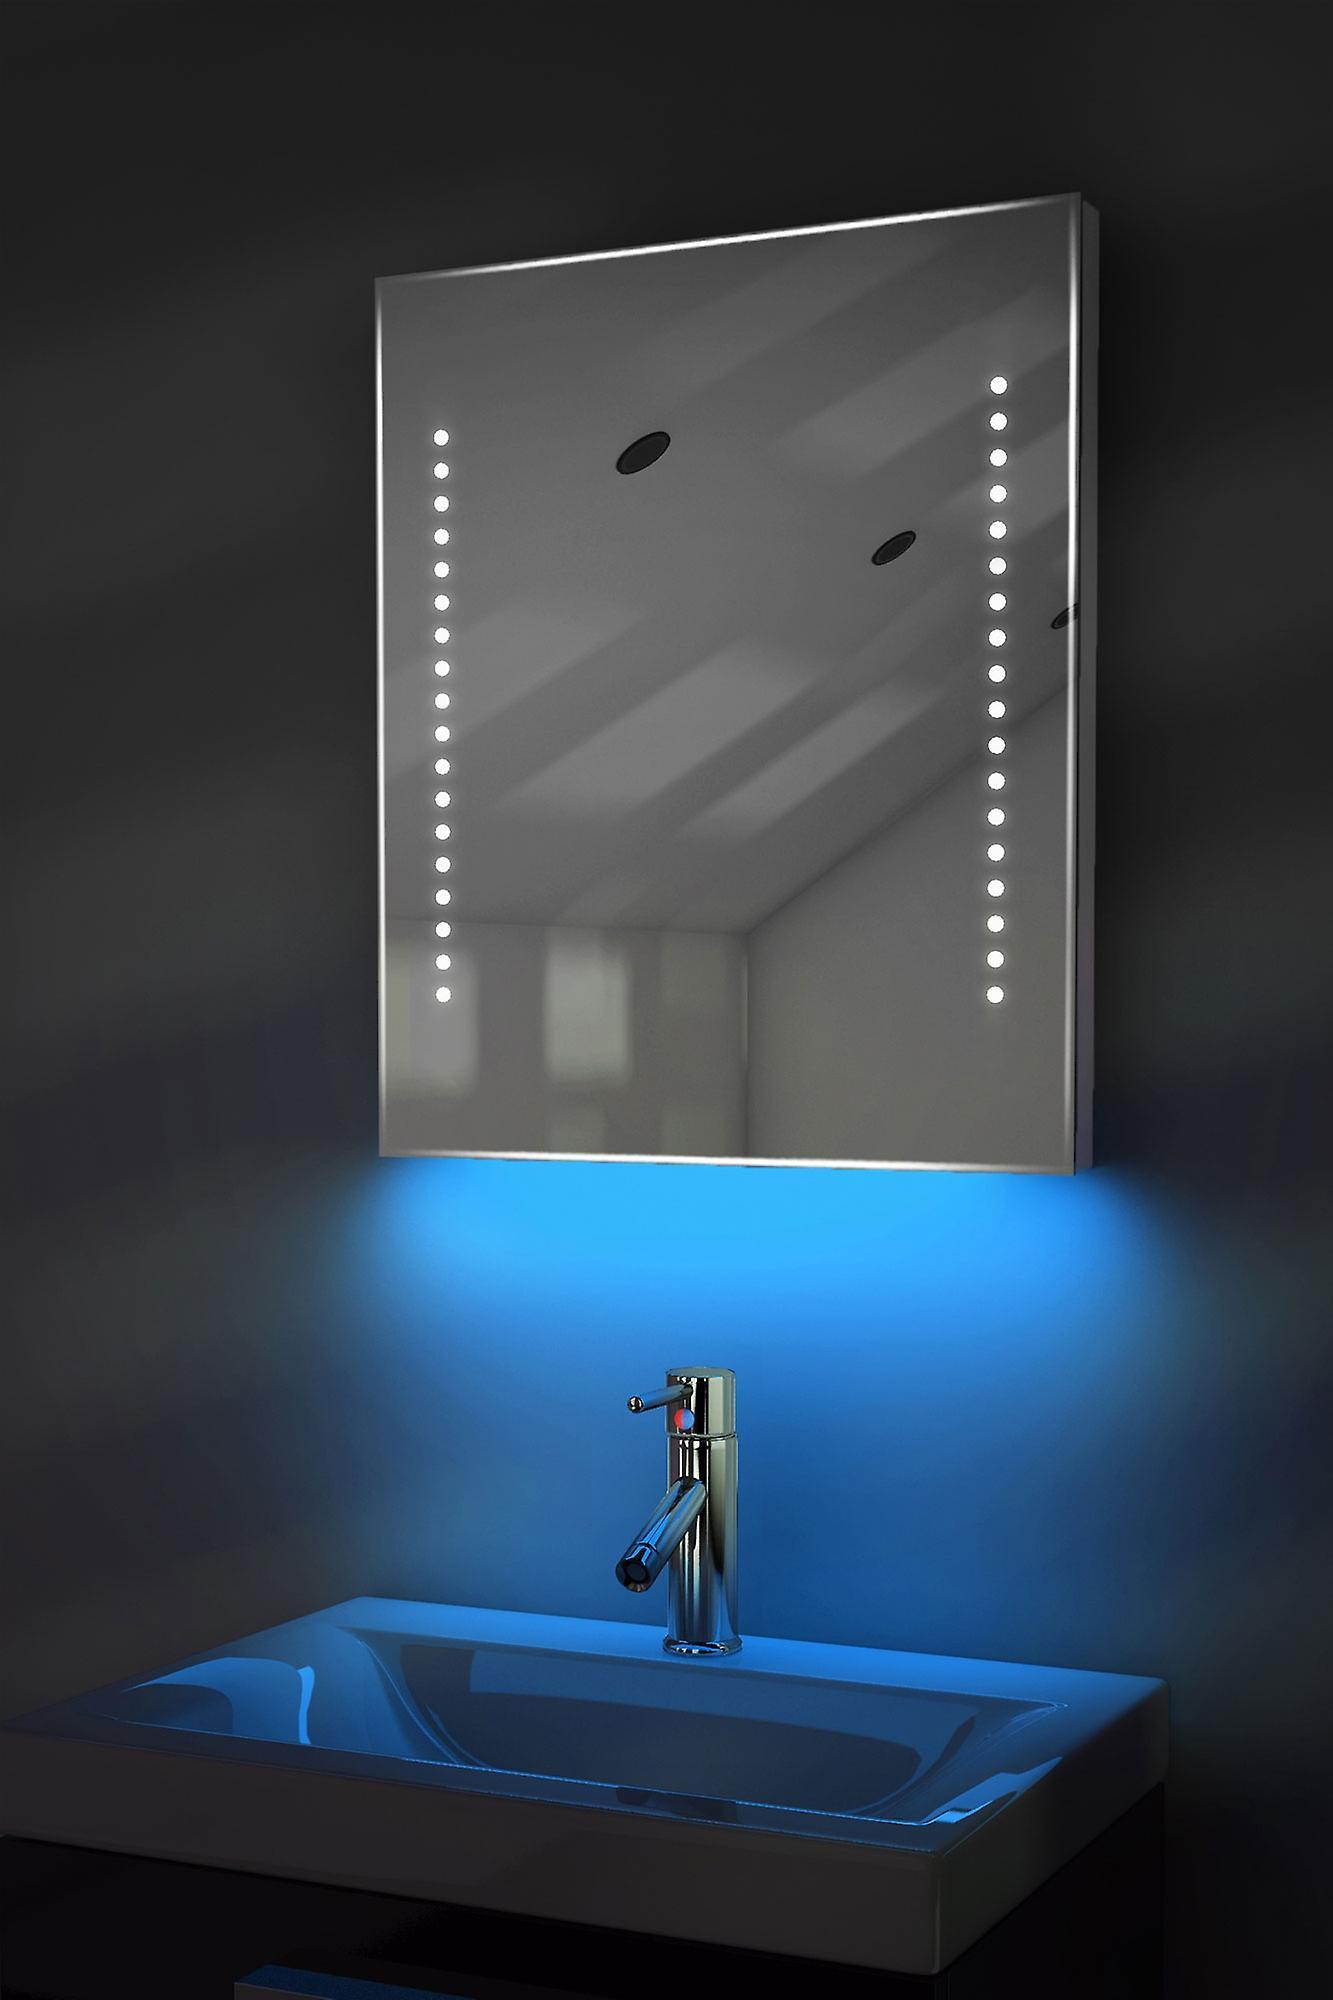 Auto couleur changement rasoir Rgb miroir avec désembuage & K55Srgb capteur